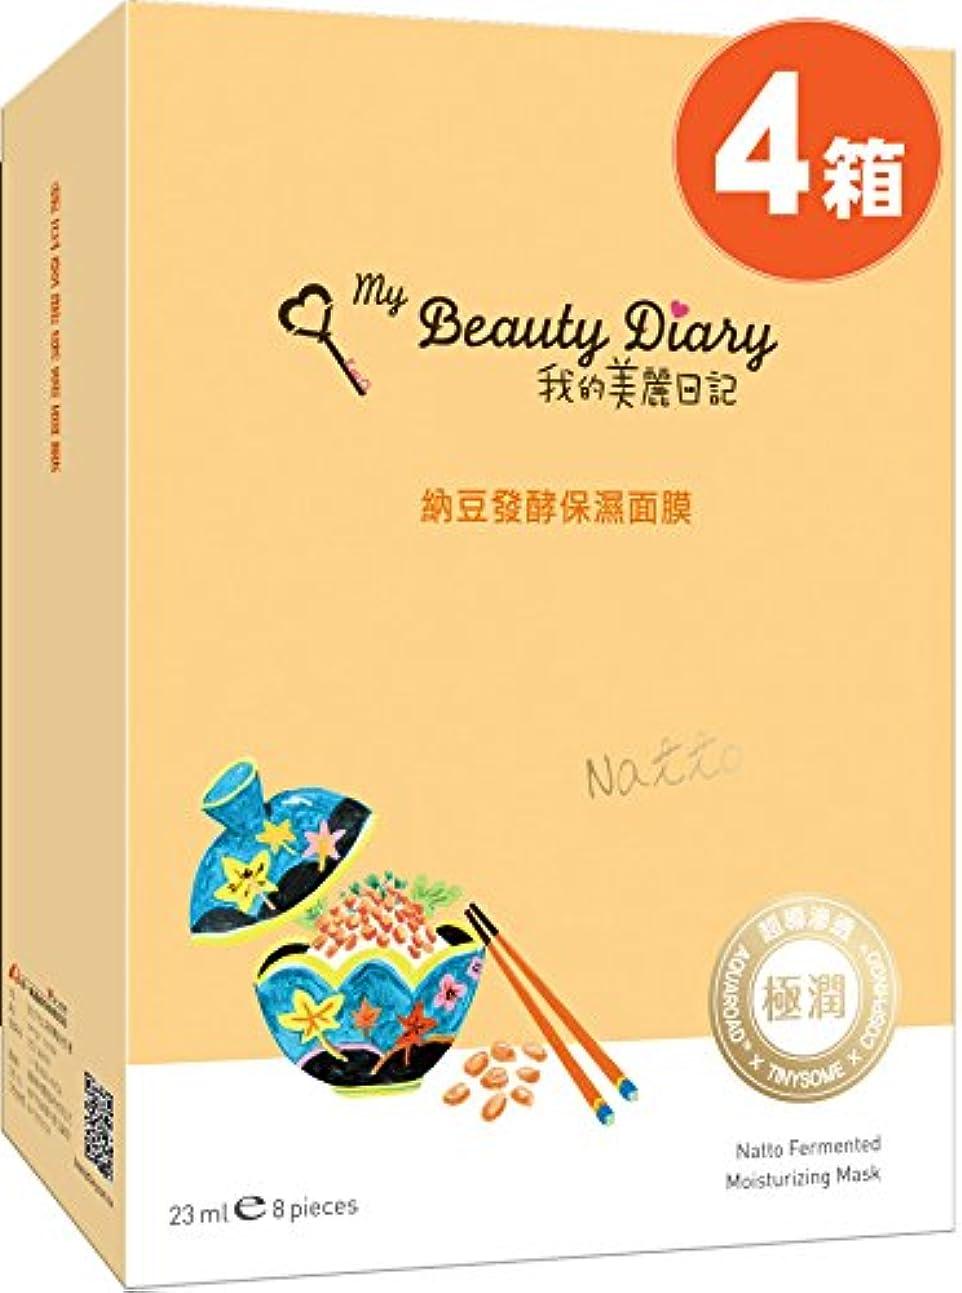 する性格勤勉《我的美麗日記》 私のきれい日記 納豆マスク 8枚入り ×4個 《台湾 お土産》(▼800円値引) [並行輸入品]